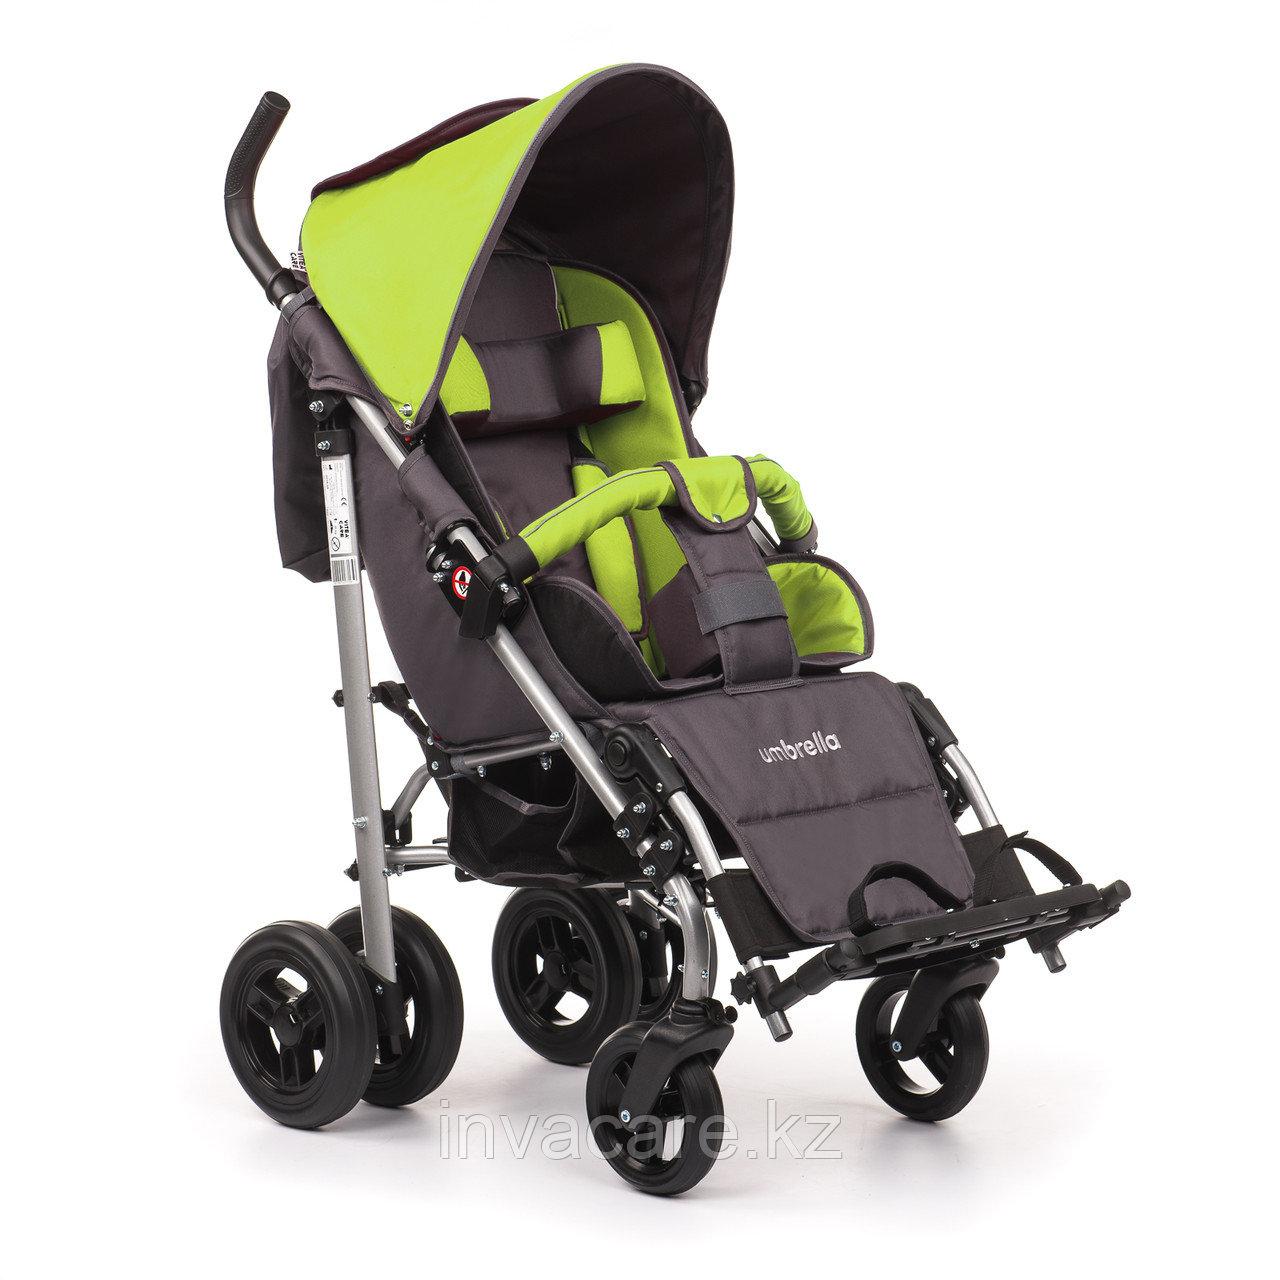 Коляска для детей с ДЦП UMBRELLA размер 2, литые колёса, складная,16,3 кг, нагрузка до 50 кг